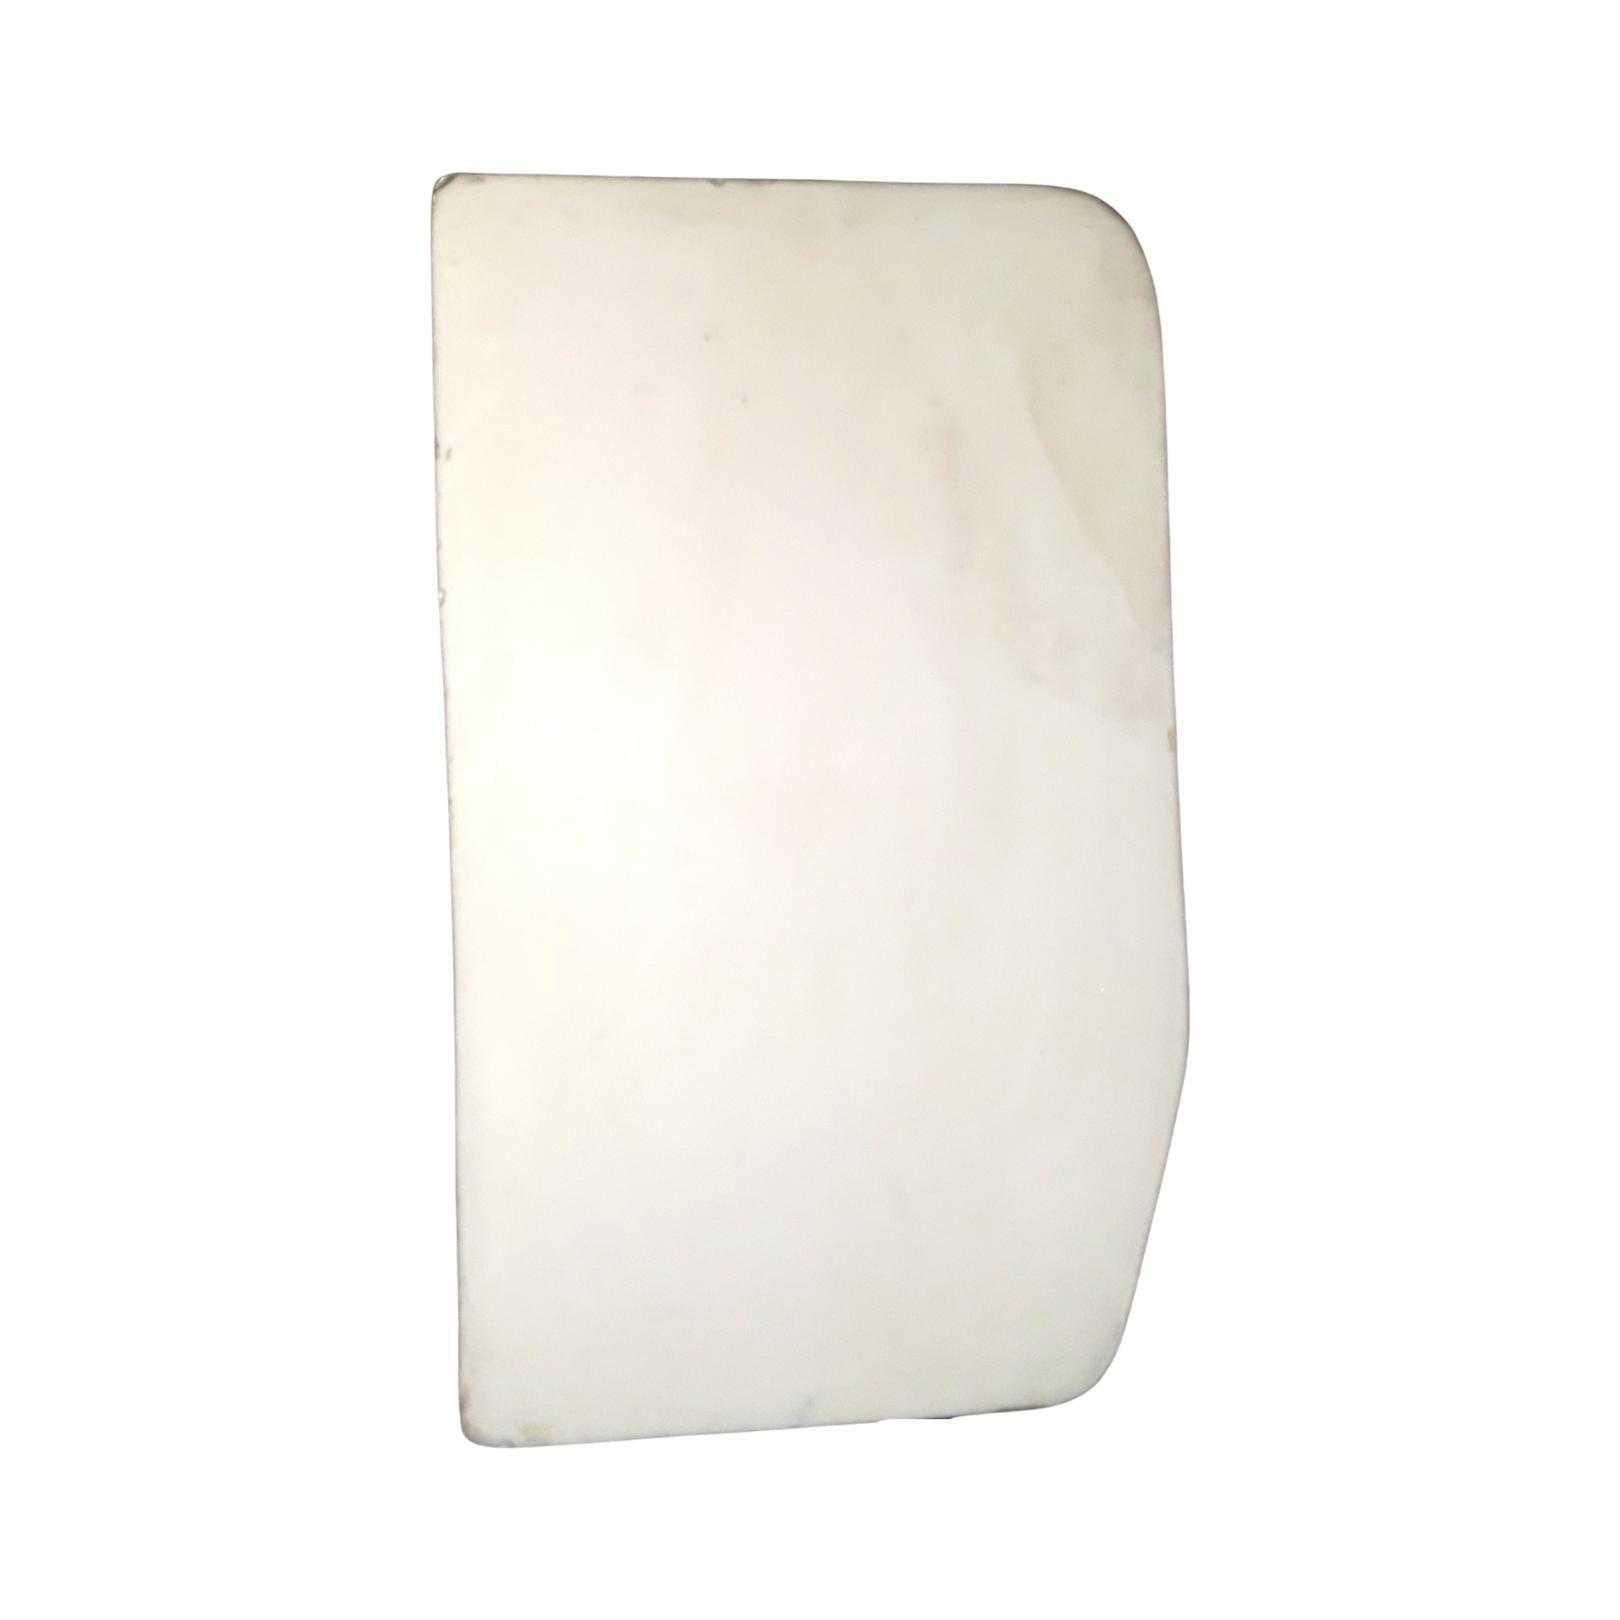 2 S Back Foam 800x480x45 RH